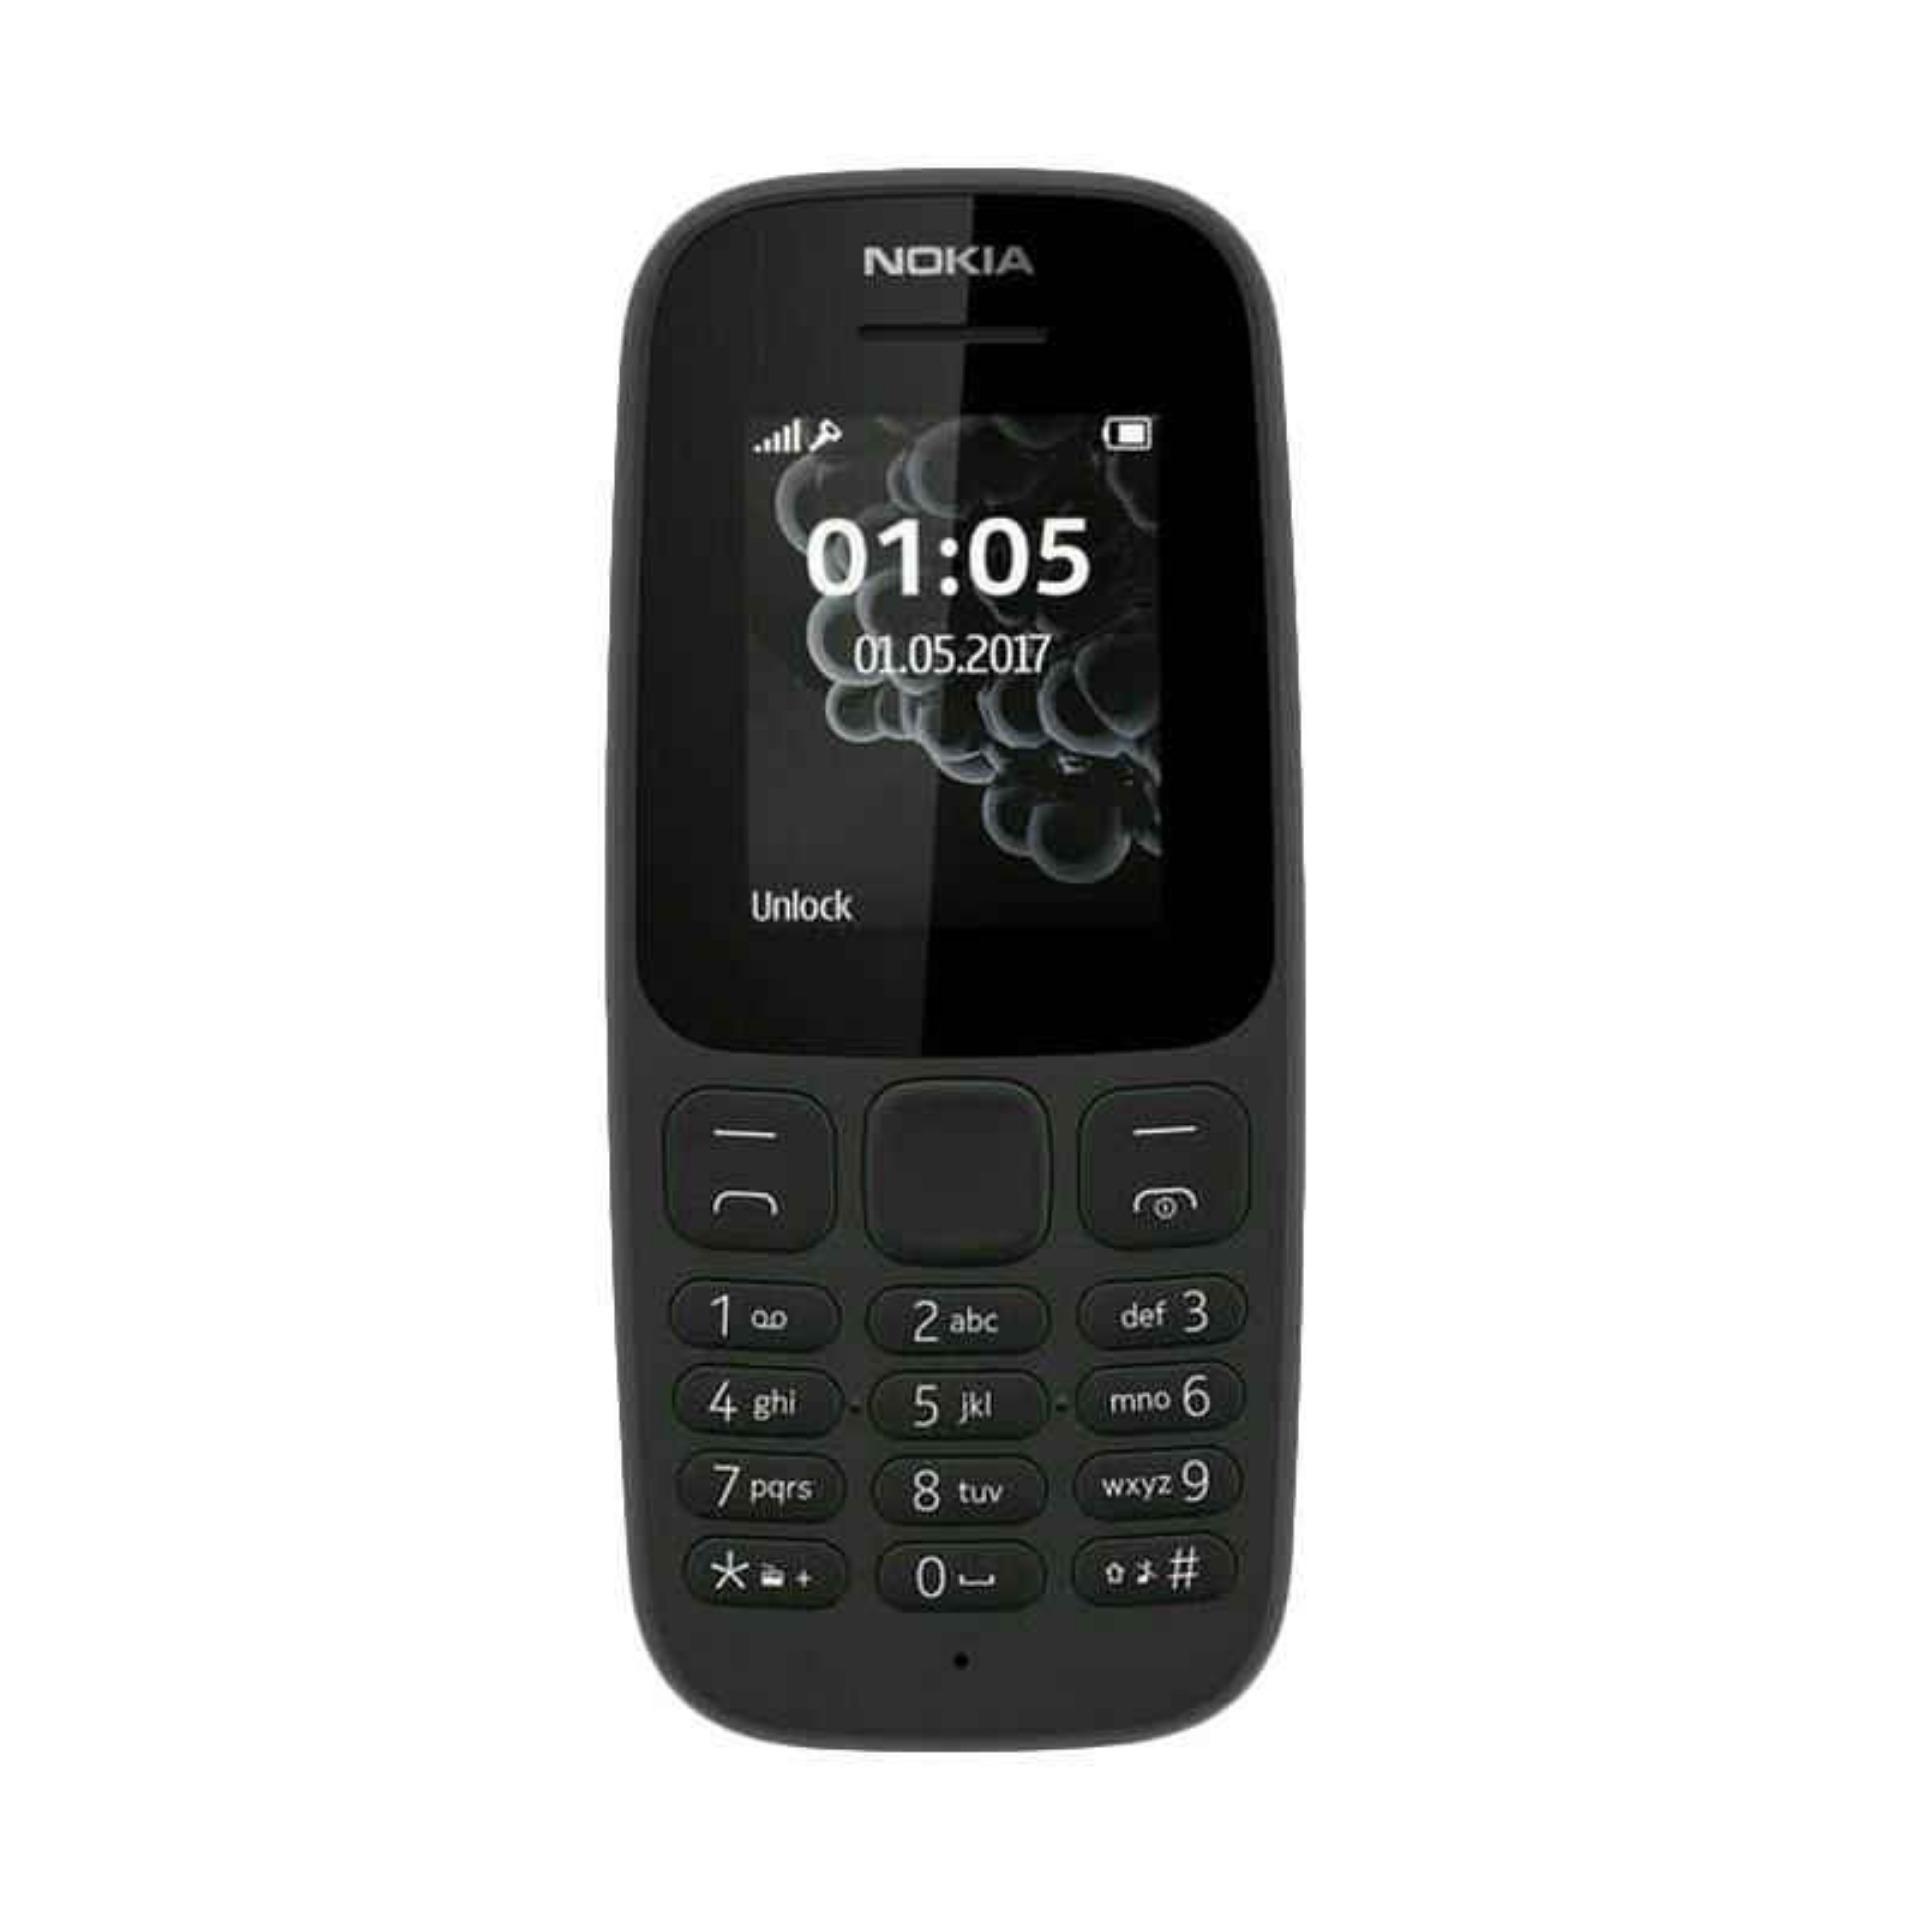 Toko Nokia 105 Dual Sim 2017 Handphone Garansi Resmi Dekat Sini